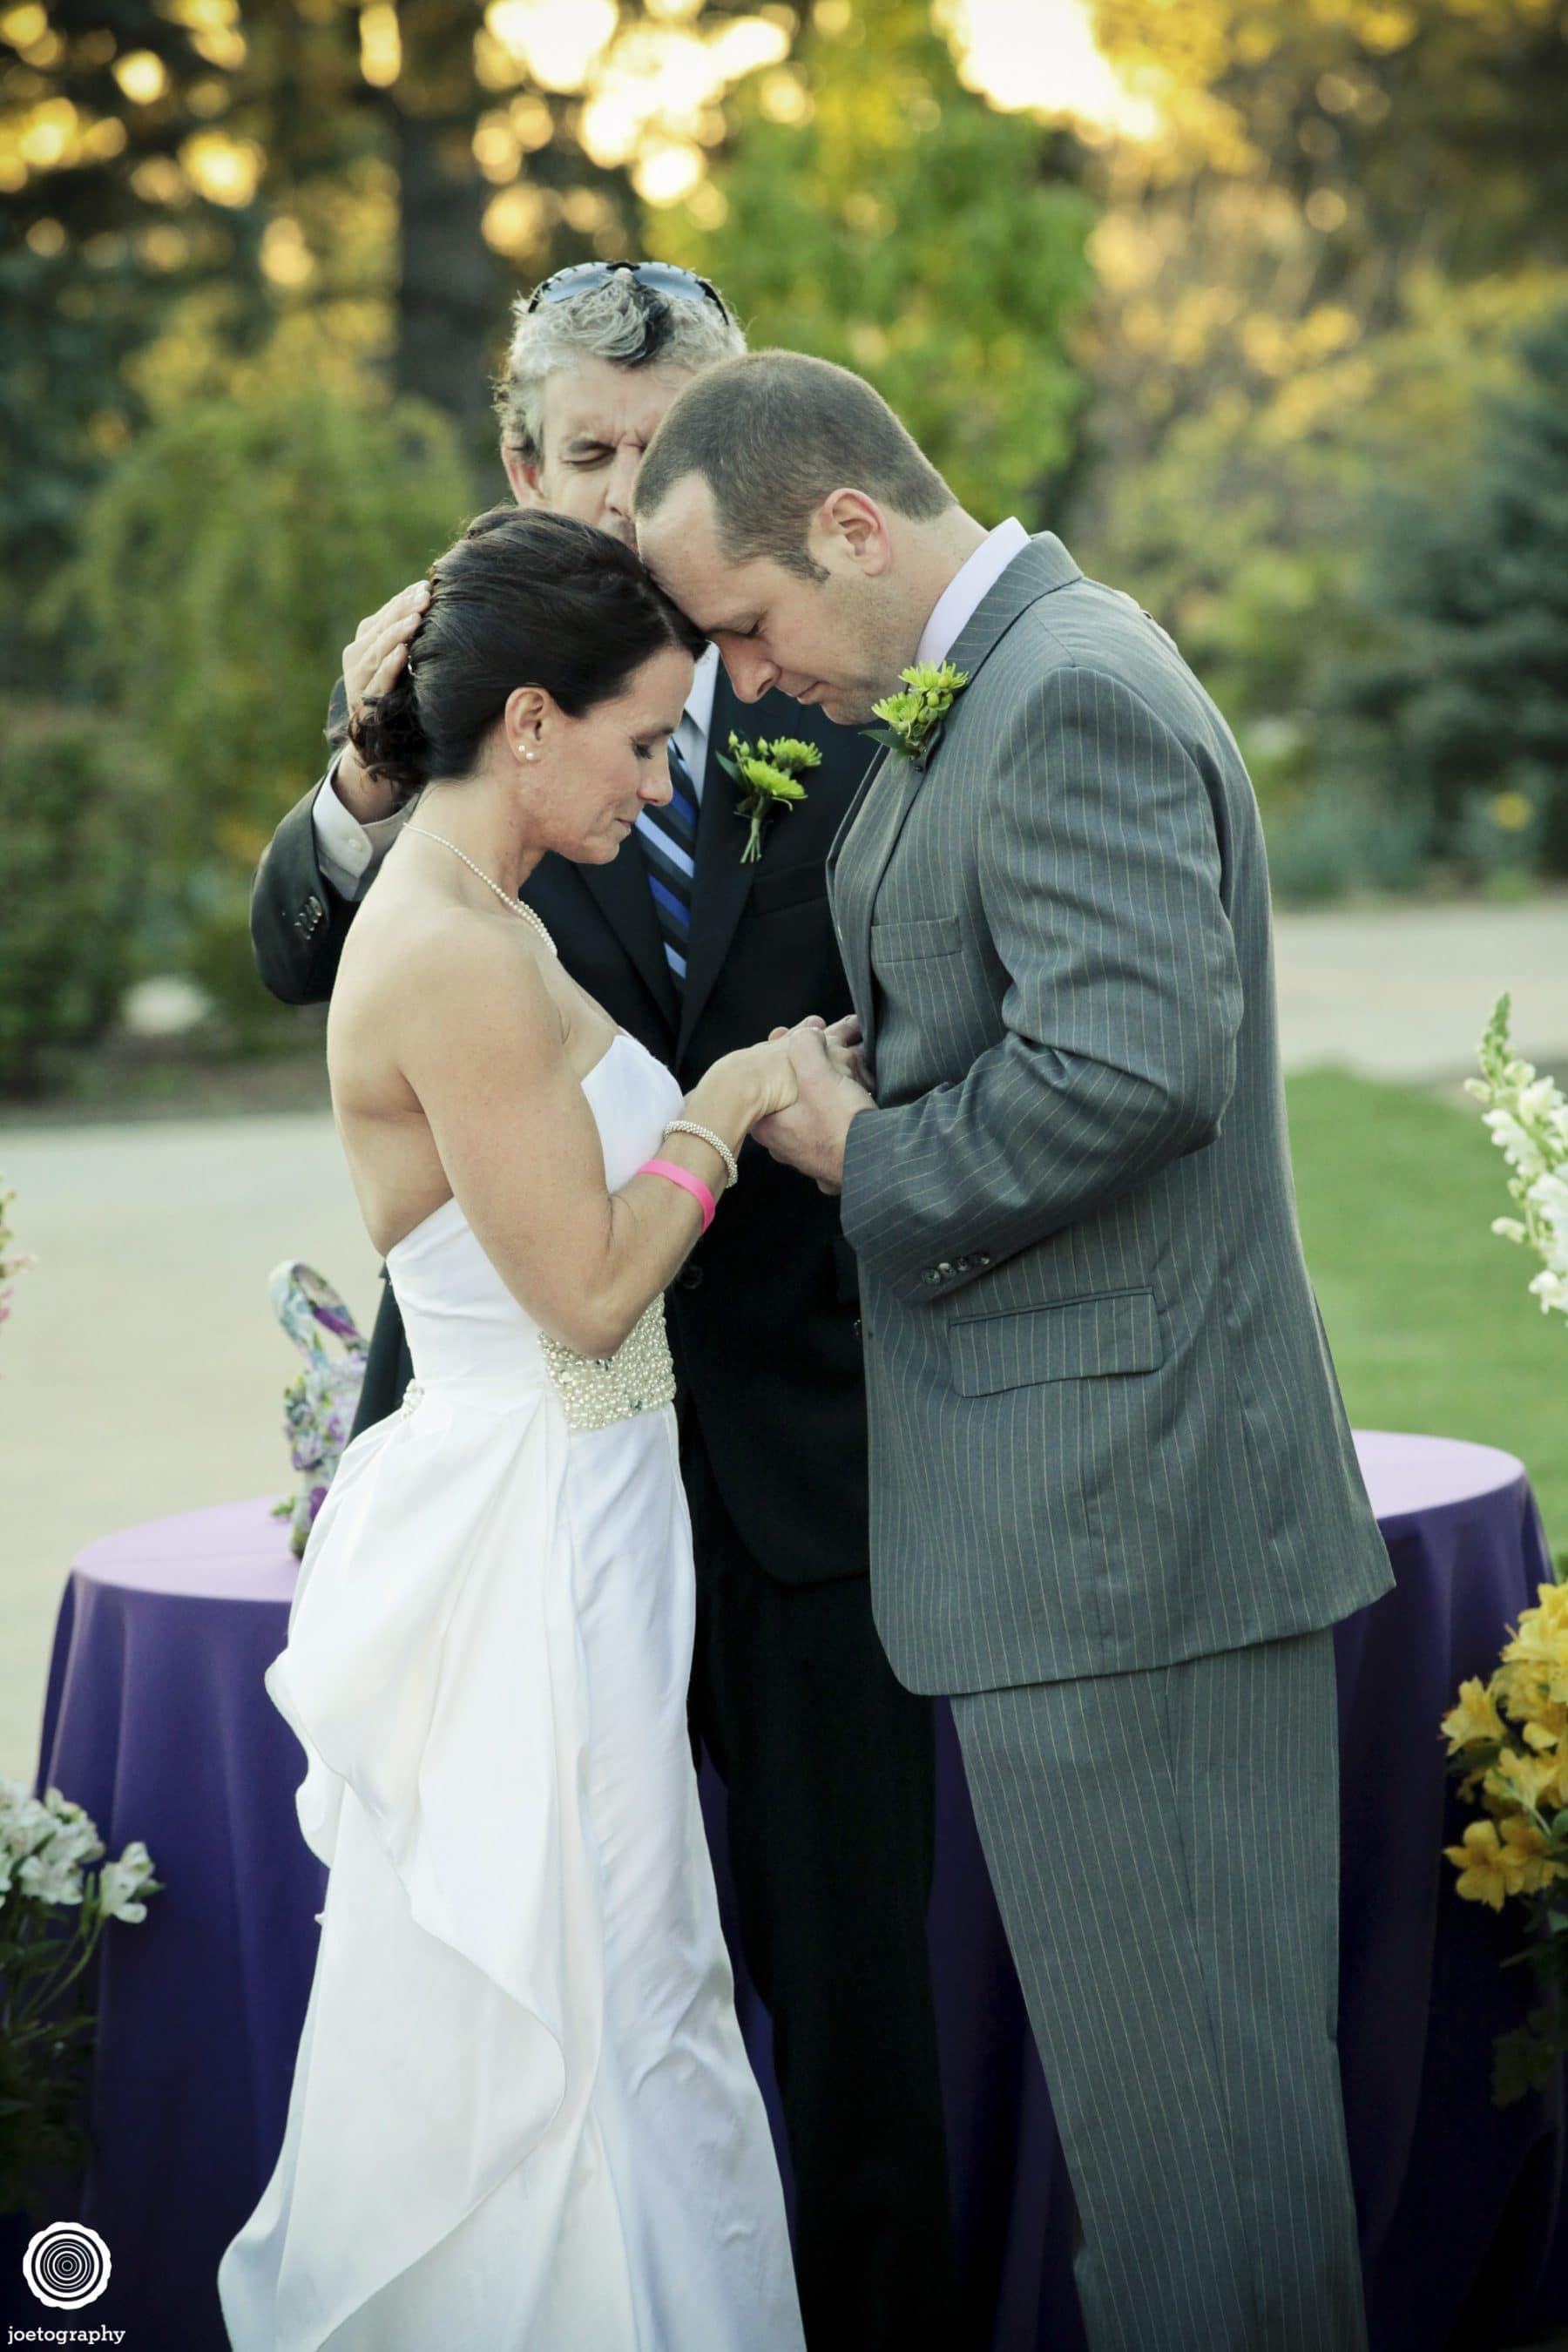 Beedles-Wedding-Photos-Naperville-Illinois-174